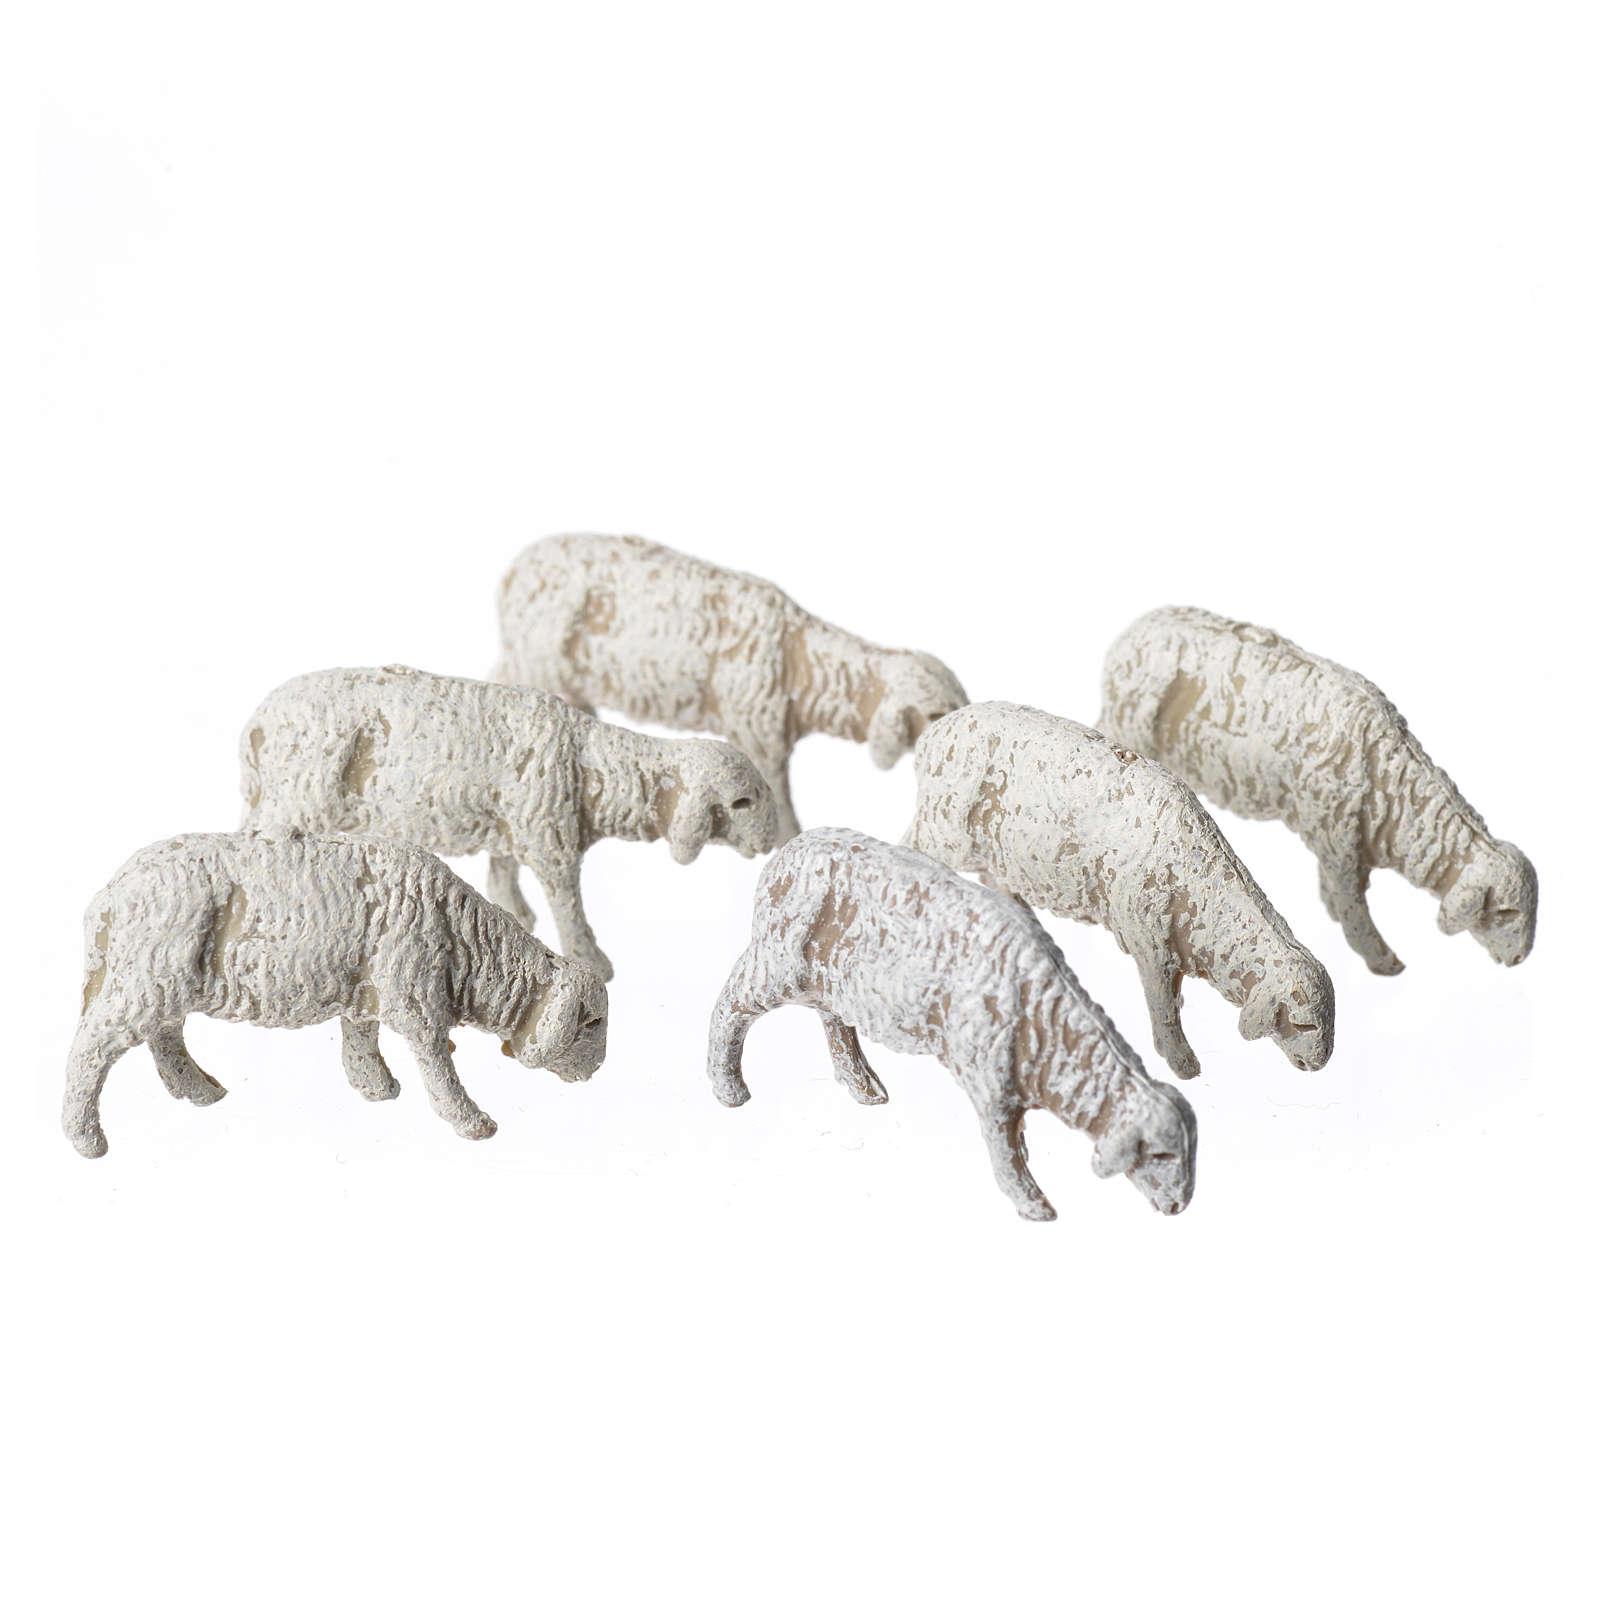 Sheep 6cm Moranduzzo, 6pieces 4